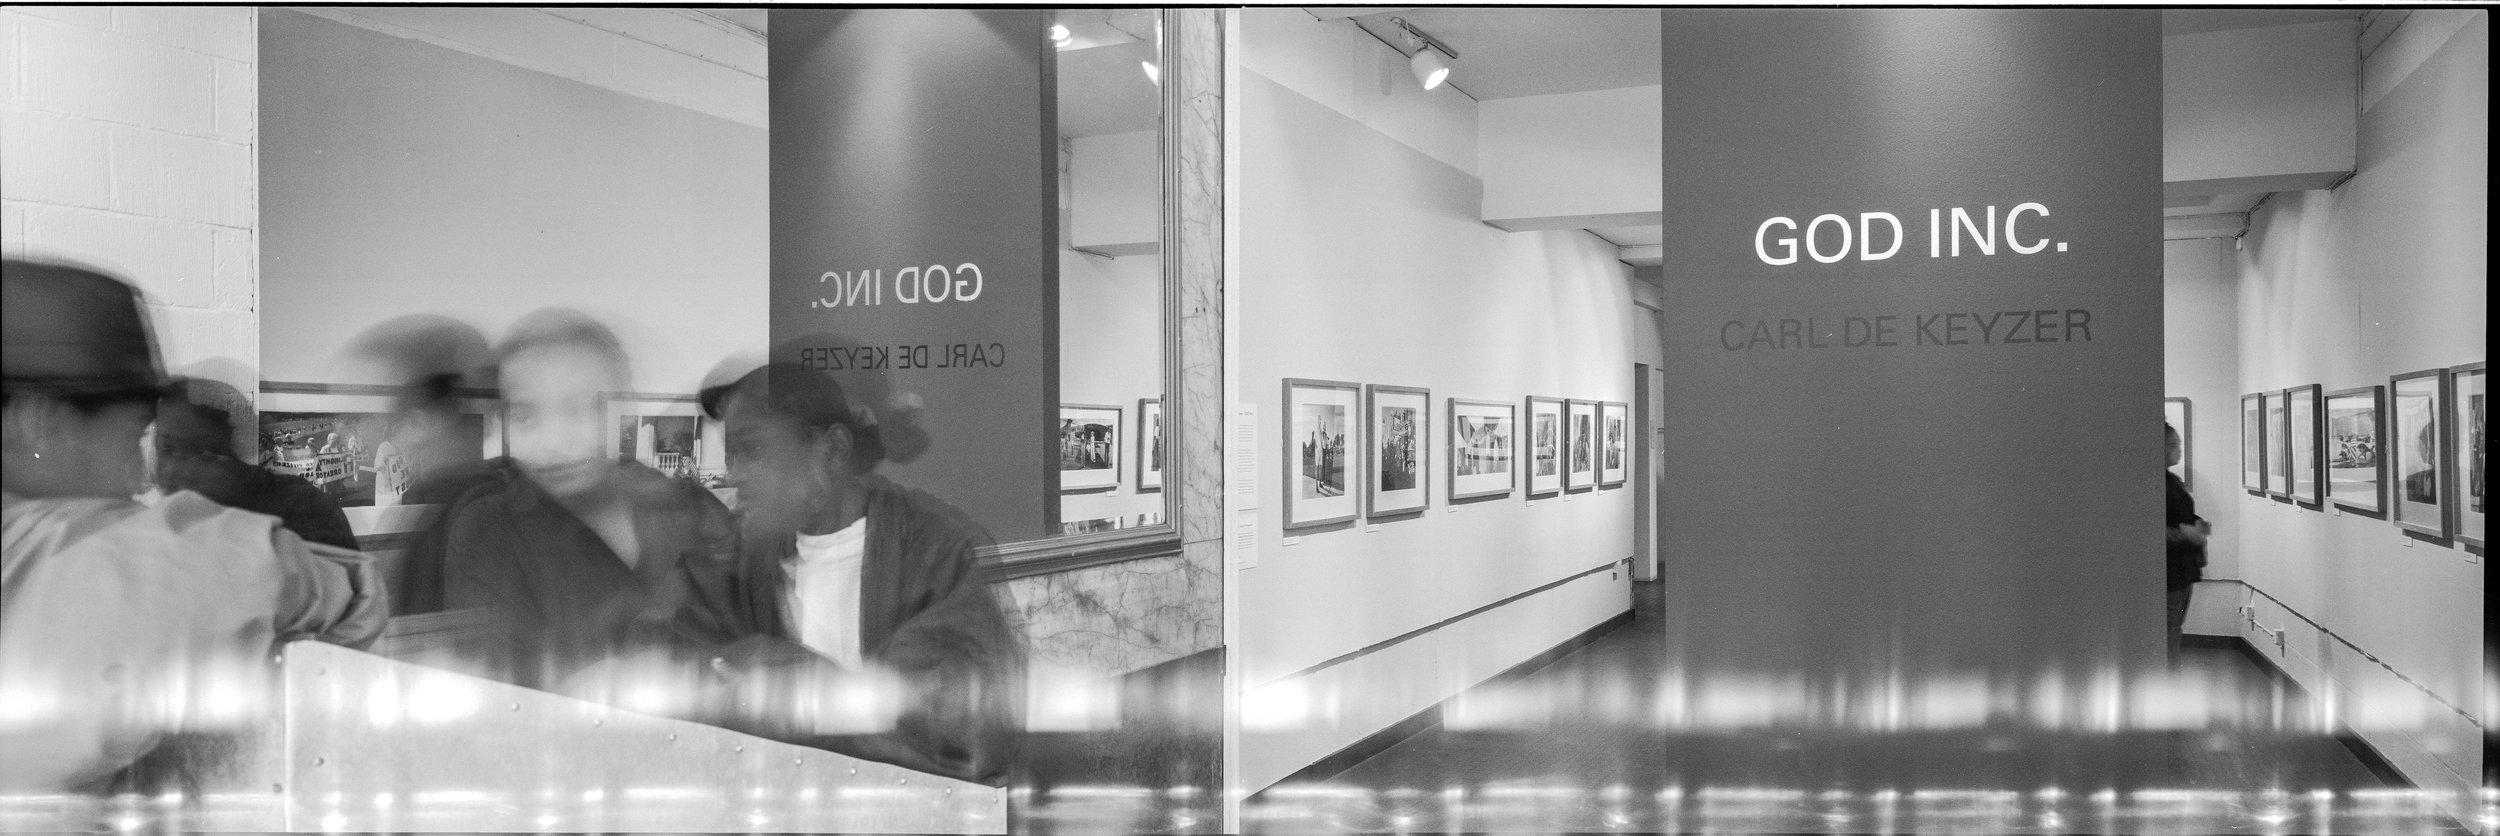 14-07-18-GodInc-expo-panoramisch-1992-14 001.jpg